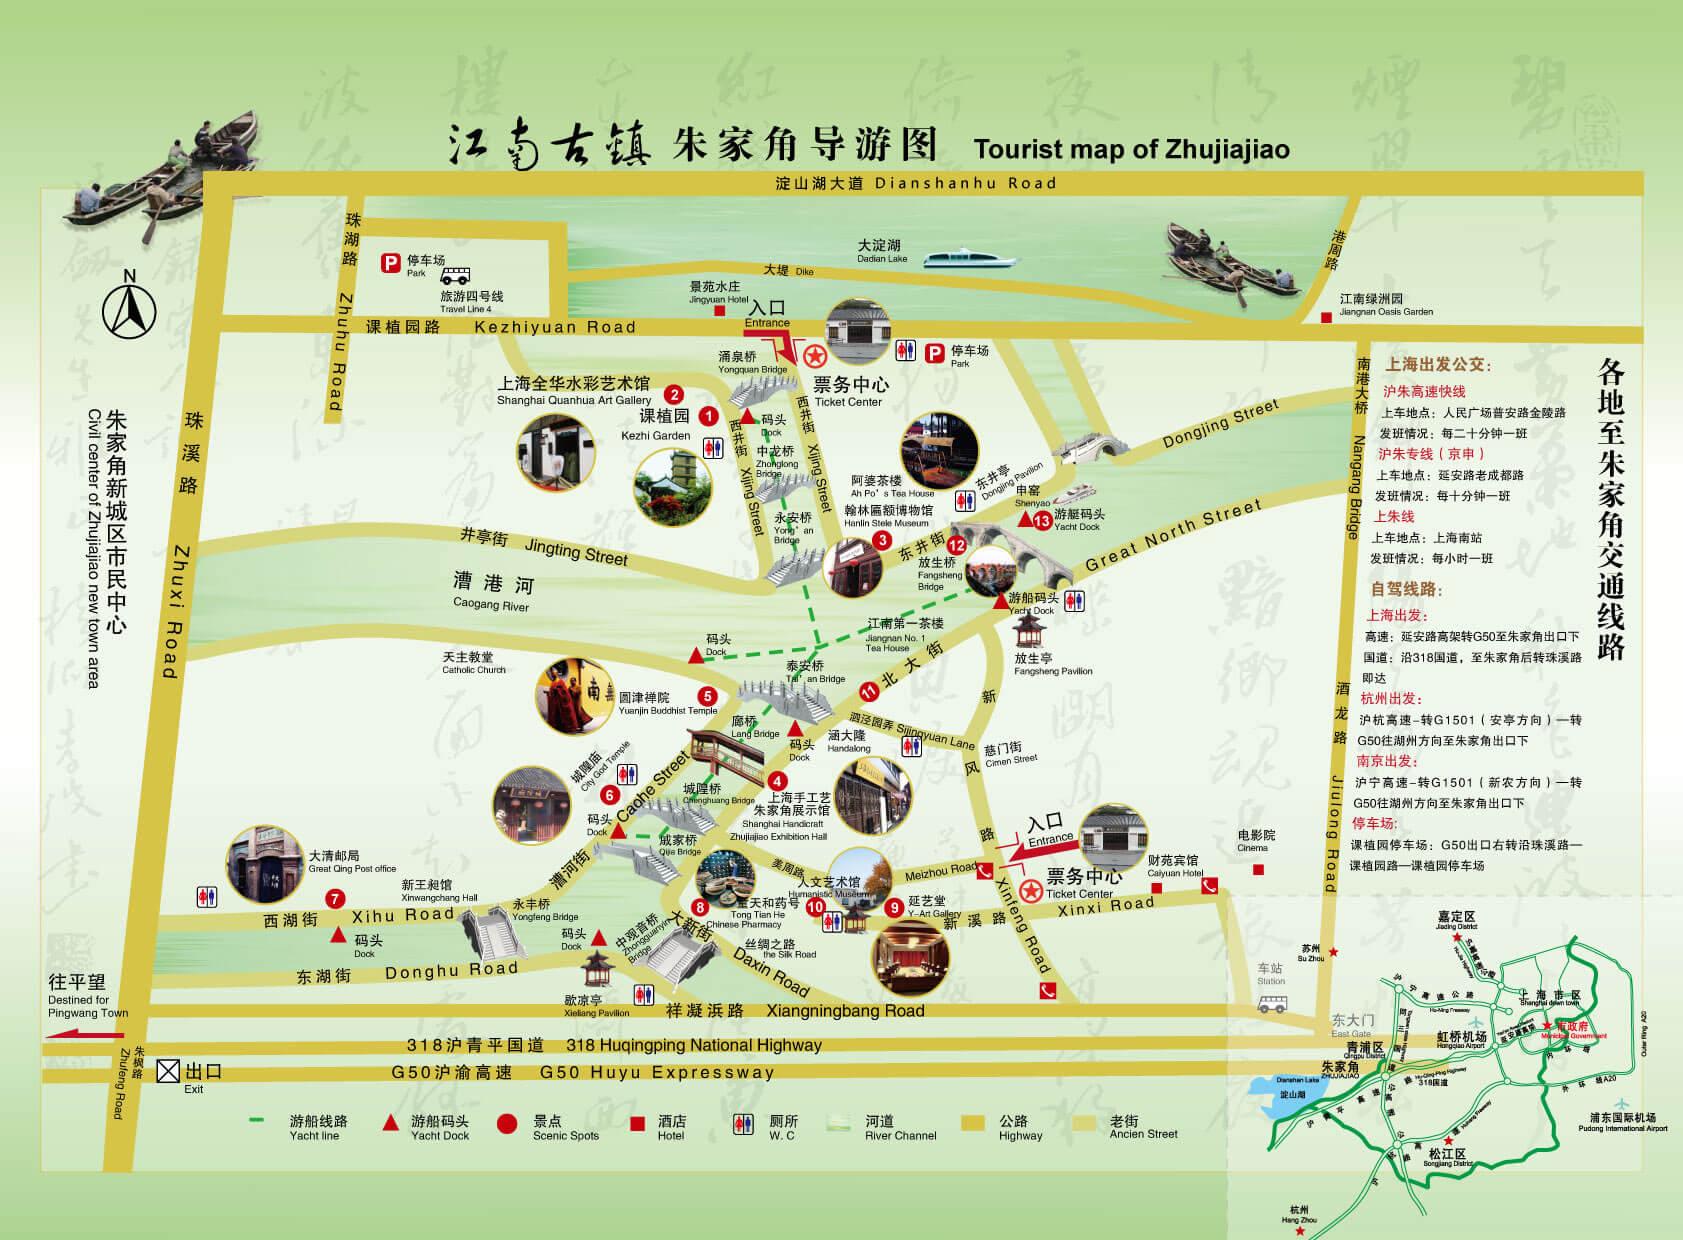 shanghai zhujiajiao tourist map